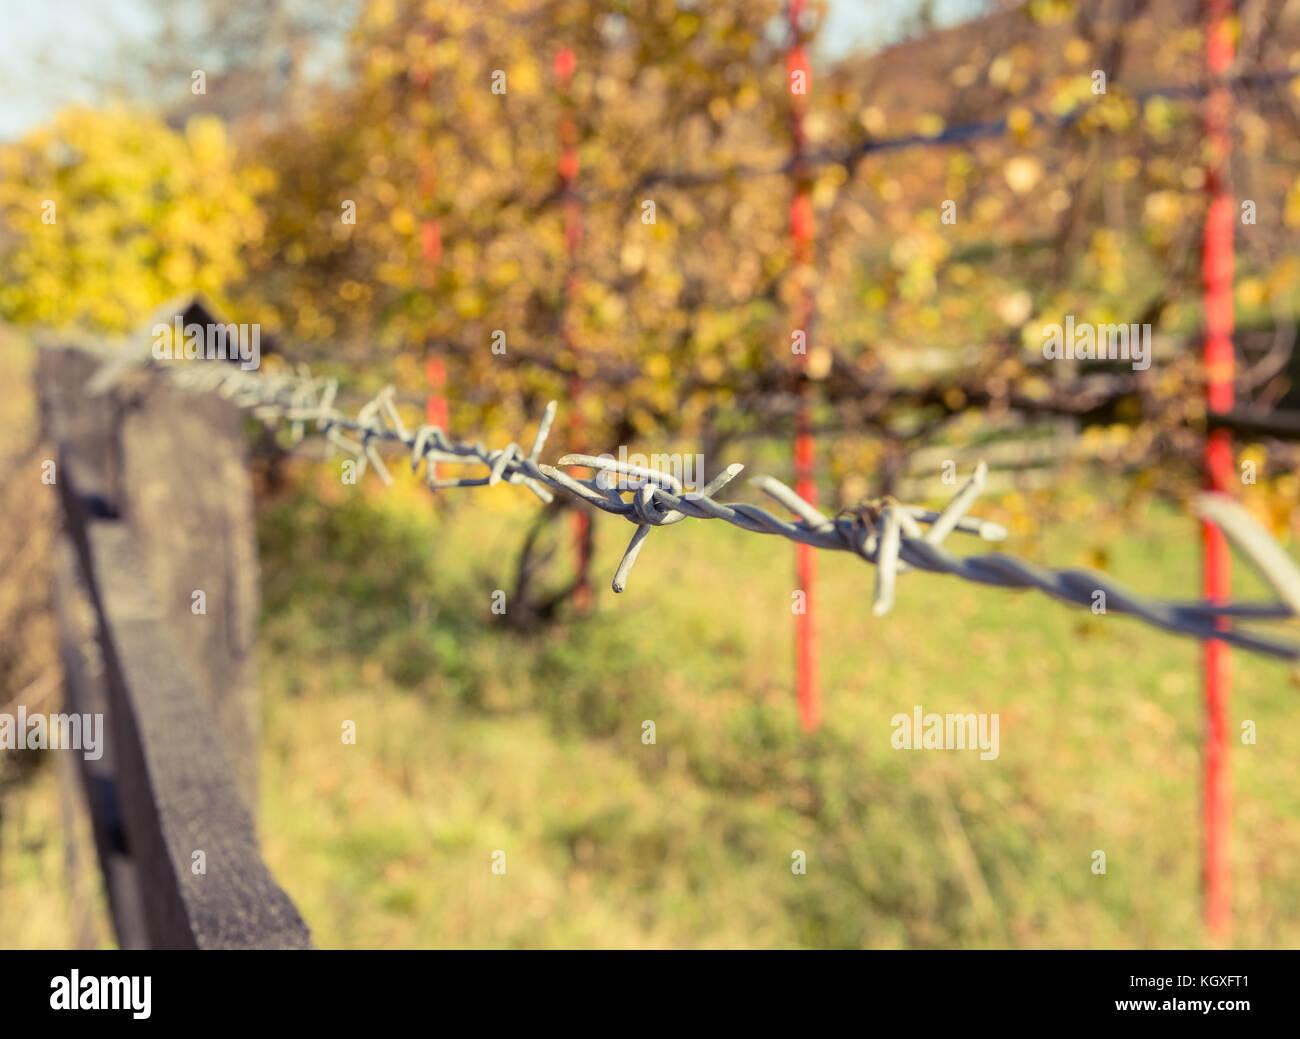 Ziemlich Vorderansicht Des Stacheldrahtzauns Bilder - Der Schaltplan ...